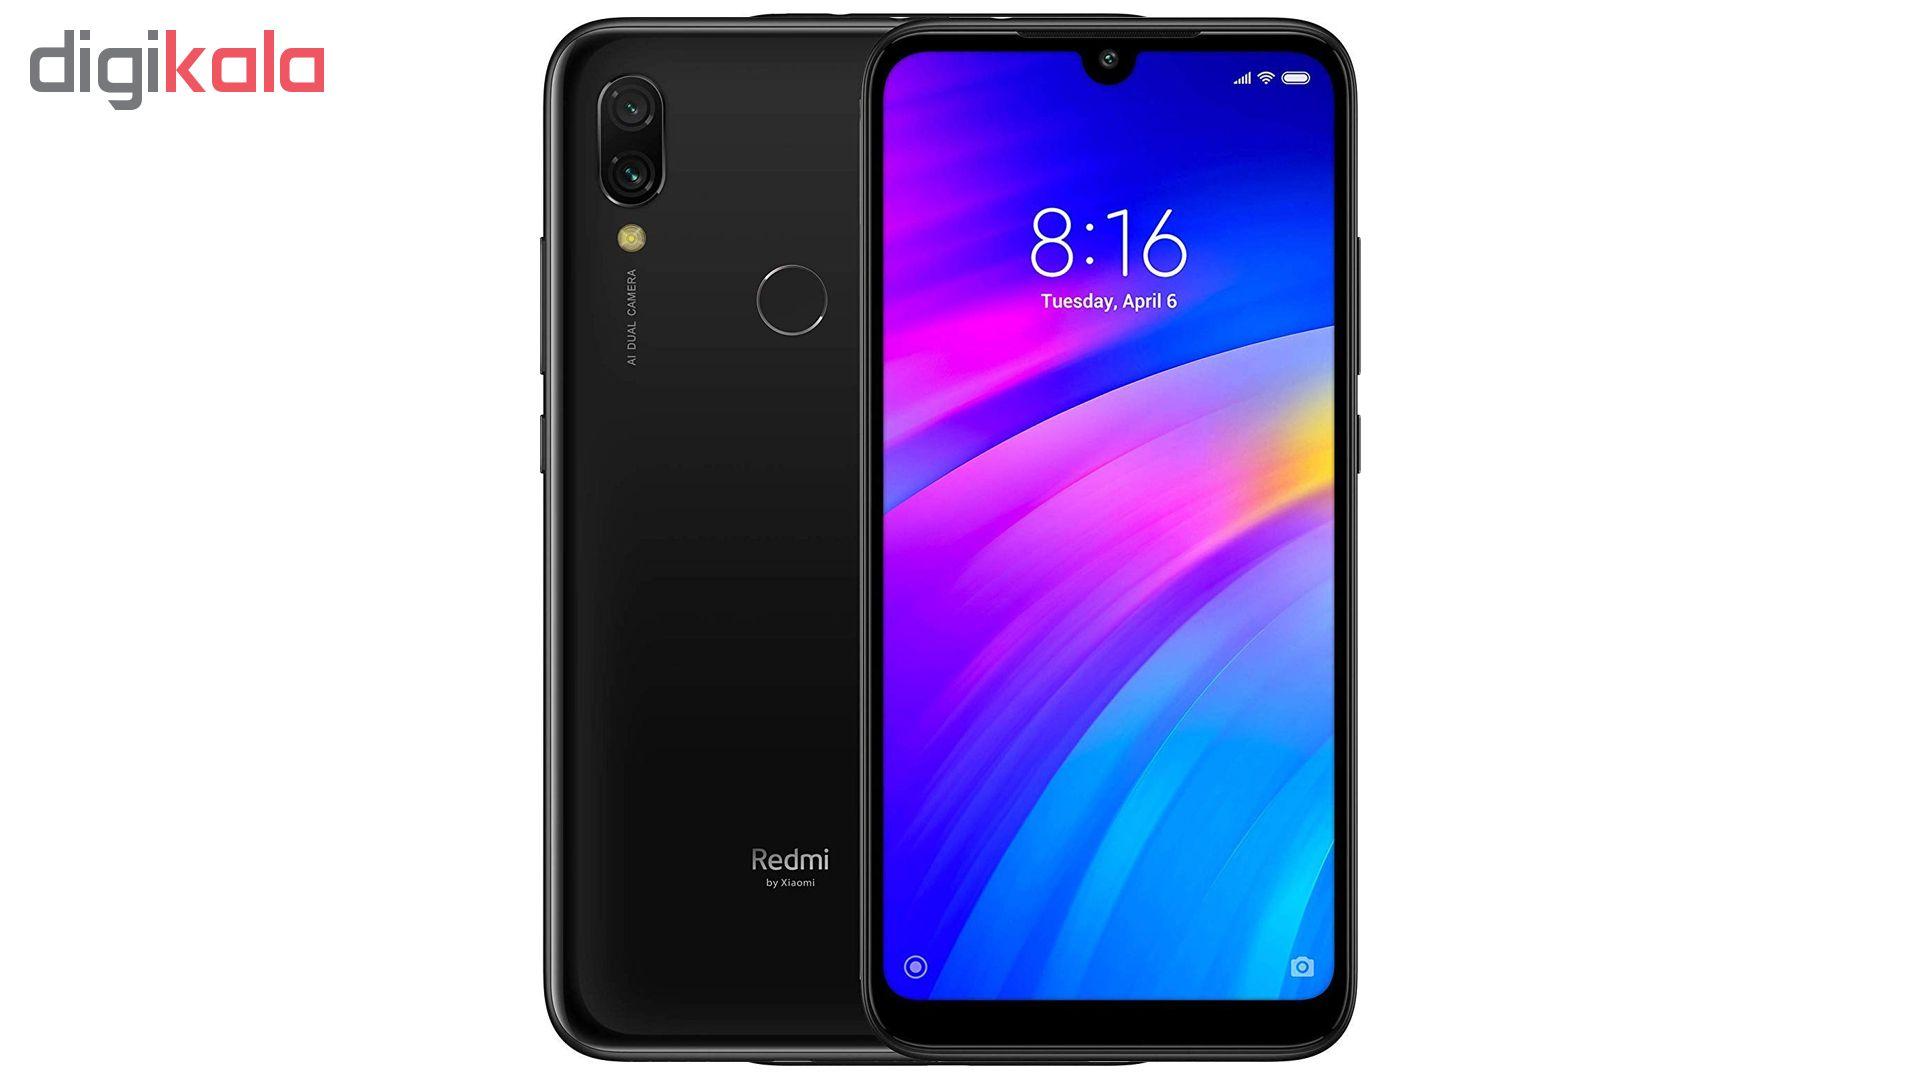 گوشی موبایل شیائومی مدل Redmi 7 M1810F6L دو سیم کارت ظرفیت 16 گیگابایت - با برچسب قیمت مصرف کننده